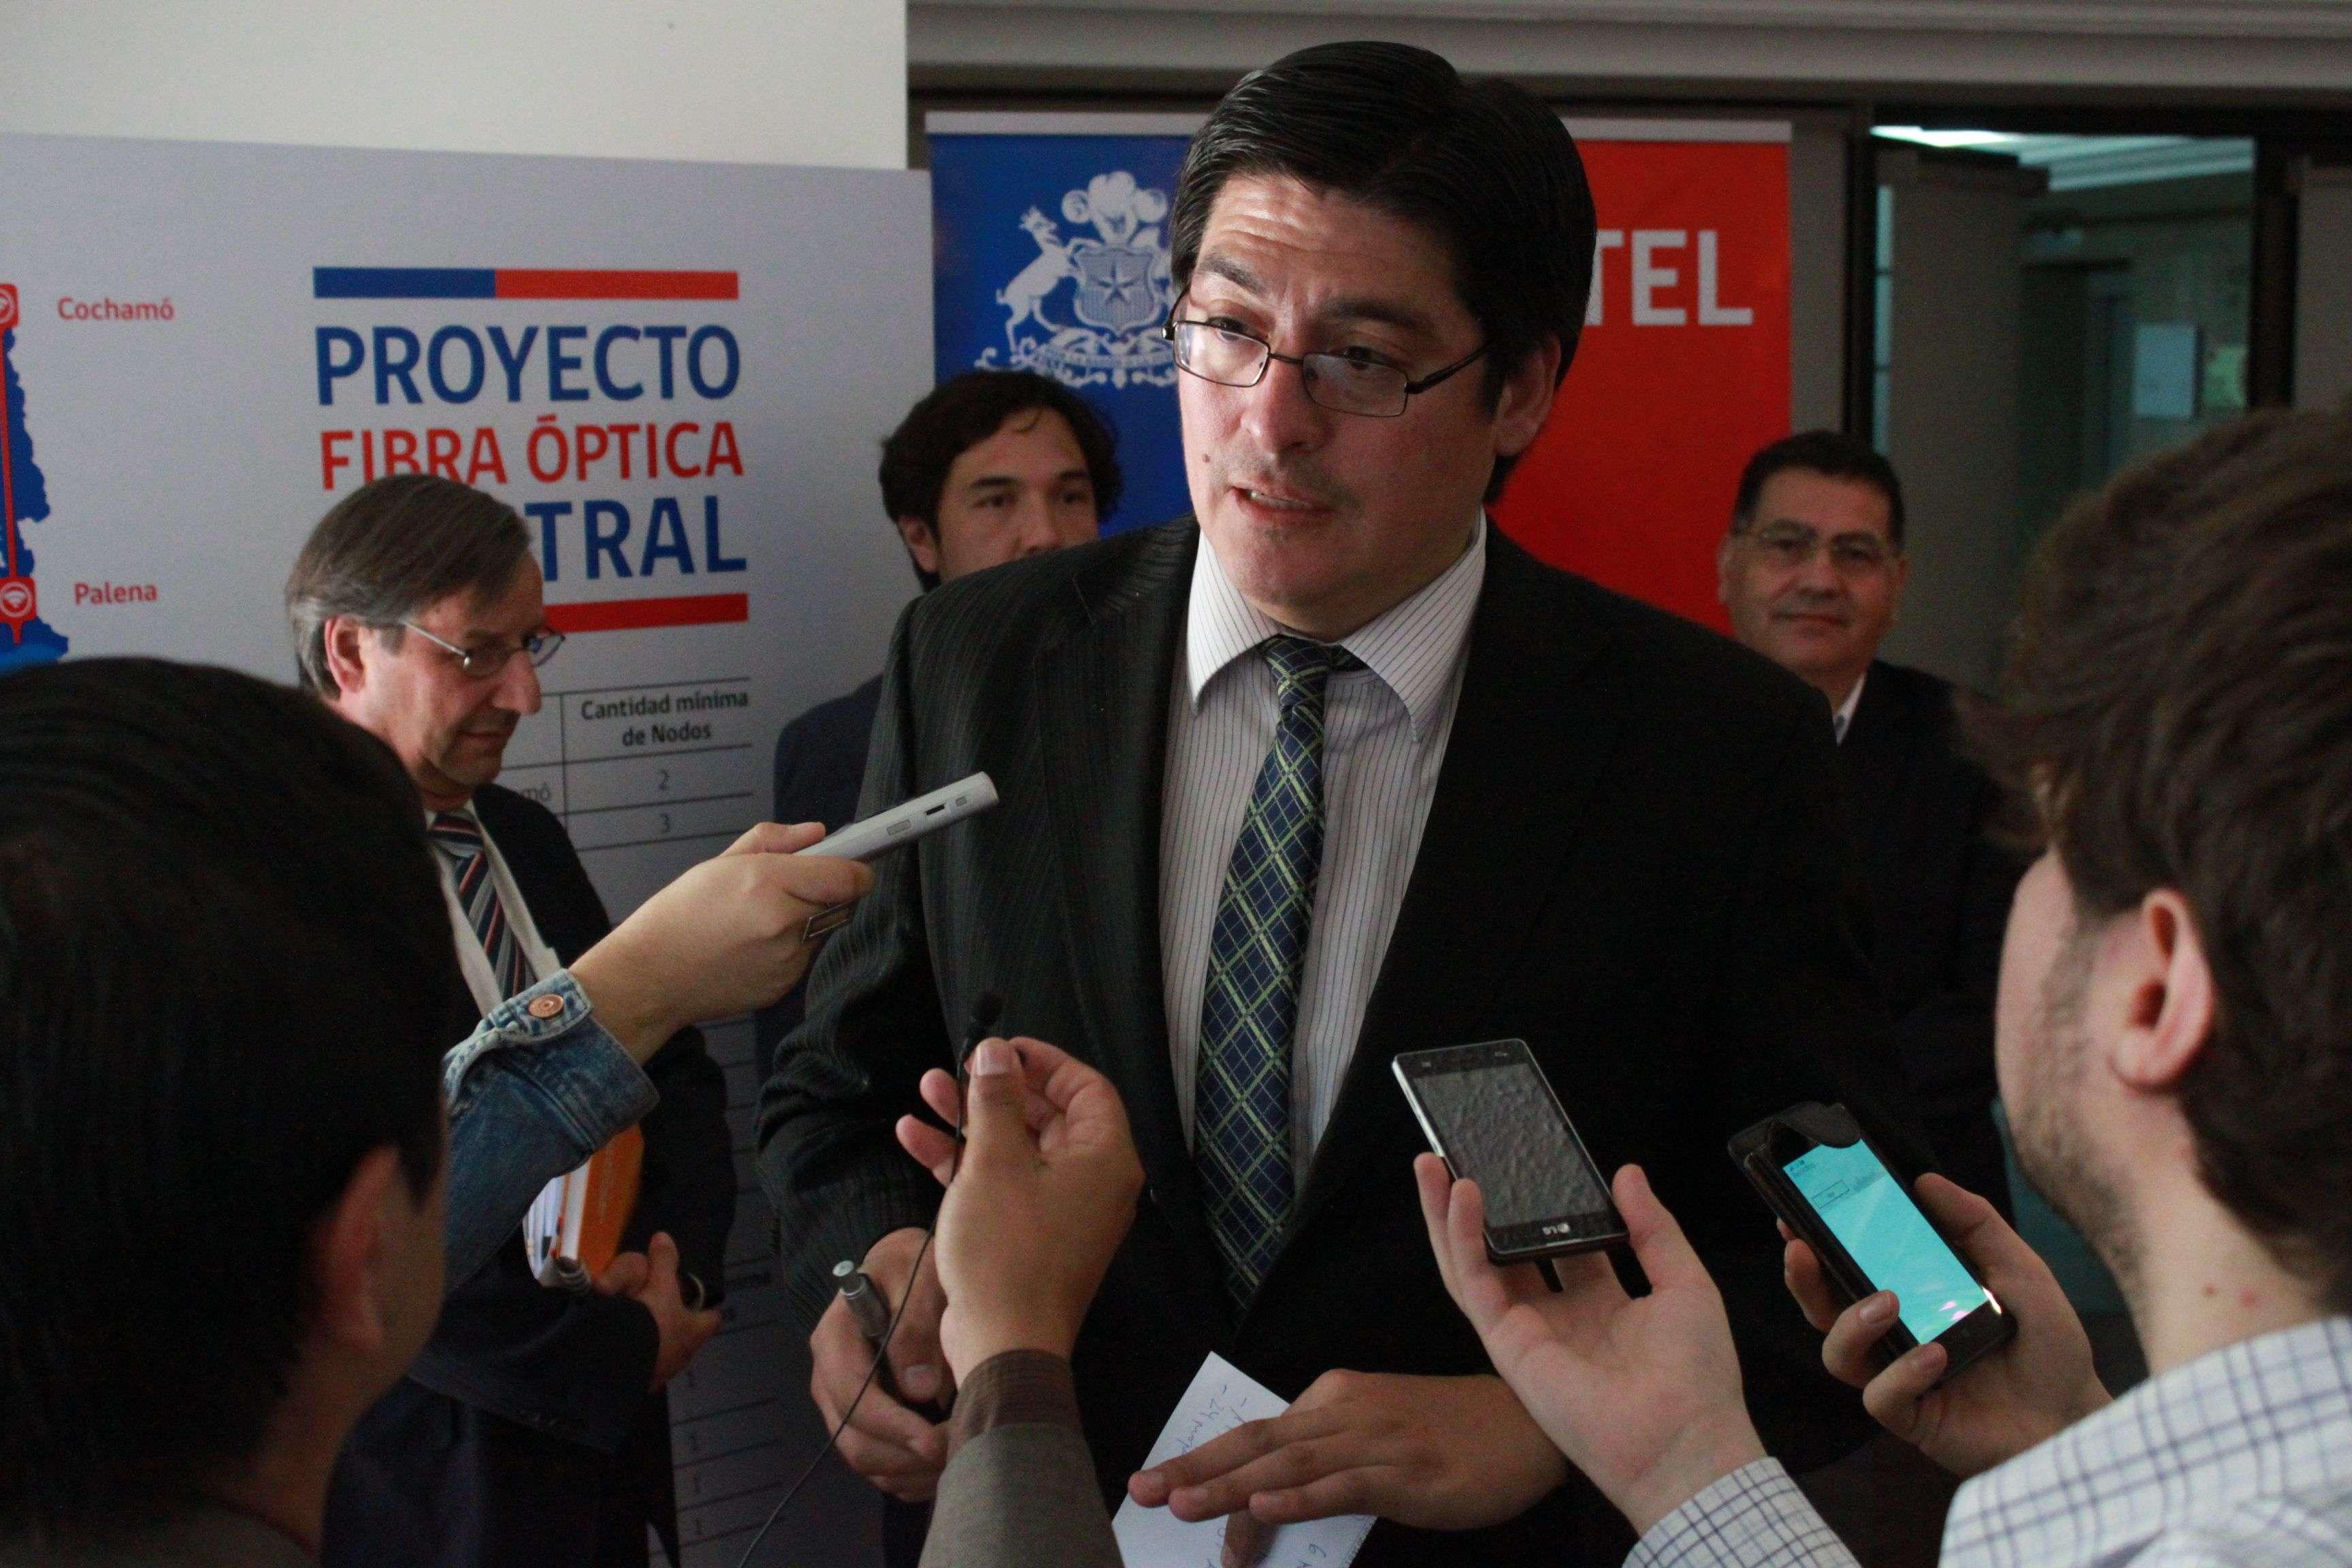 Subsecretario de Telecomunicaciones Foto: Gentileza